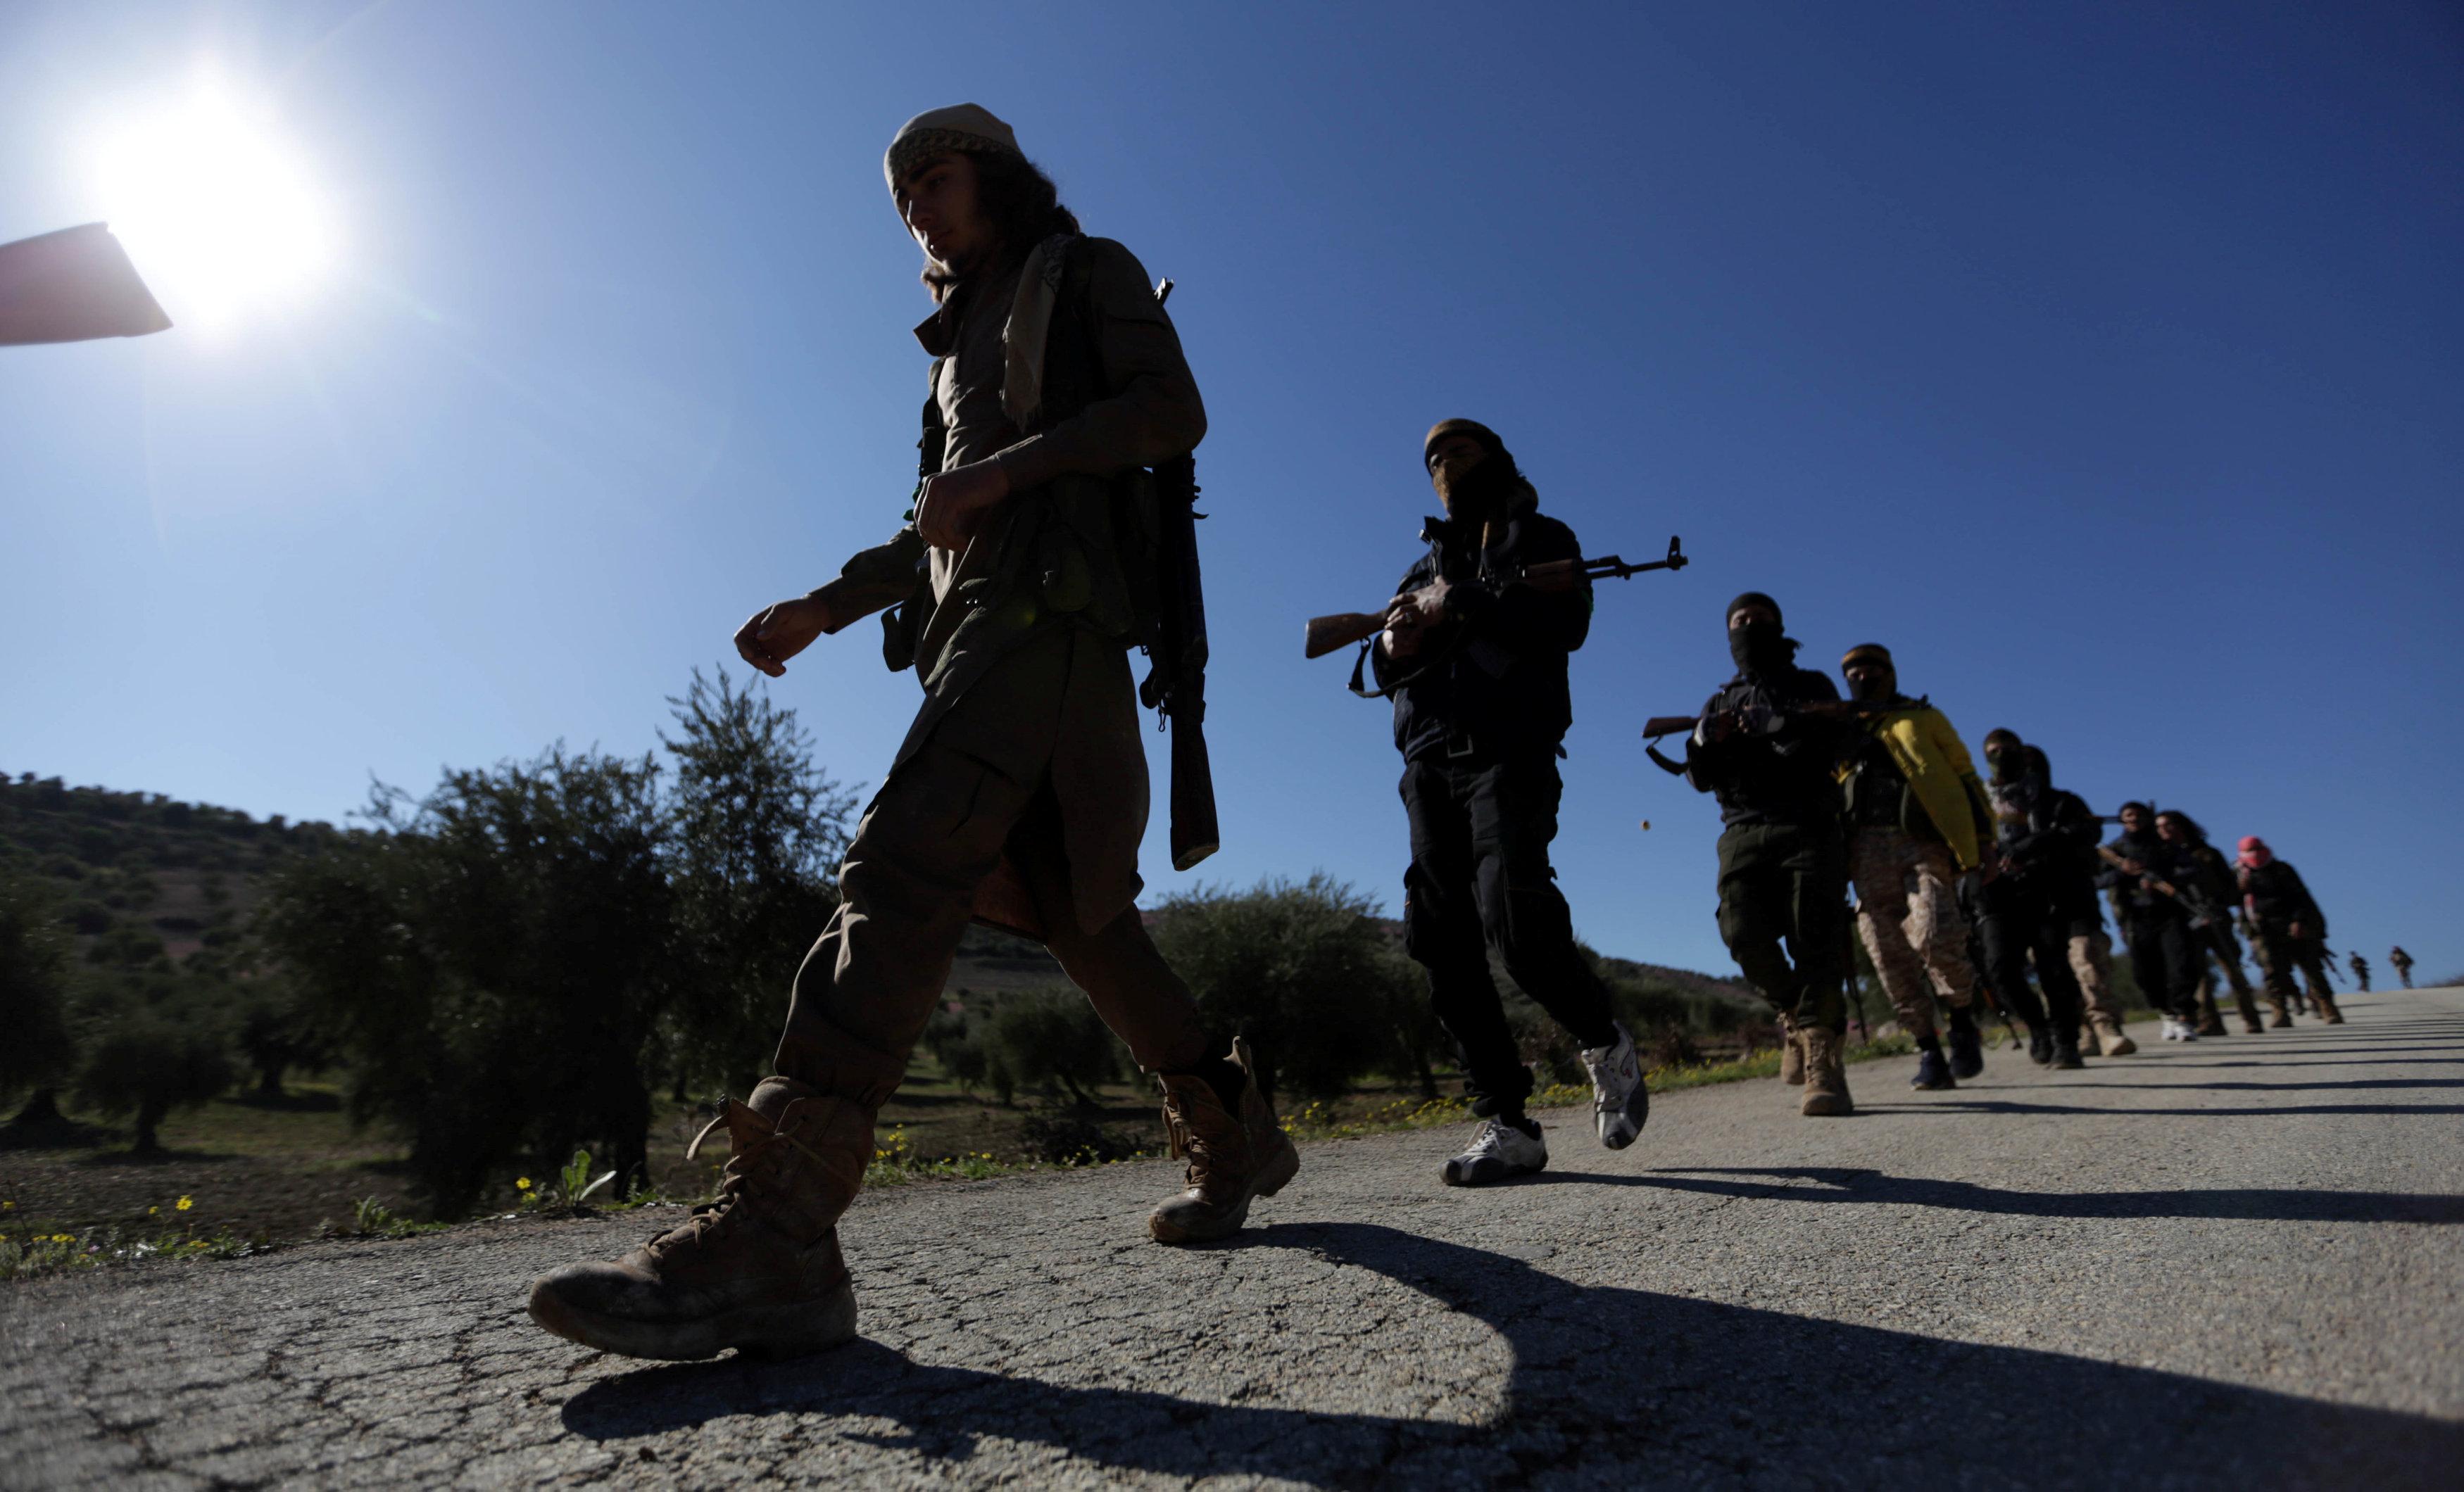 Αρχηγός τουρκικών ΕΔ: Δεν θα επιτρέψουμε τετελεσμένα σε Αιγαίο και Κύπρο | tovima.gr